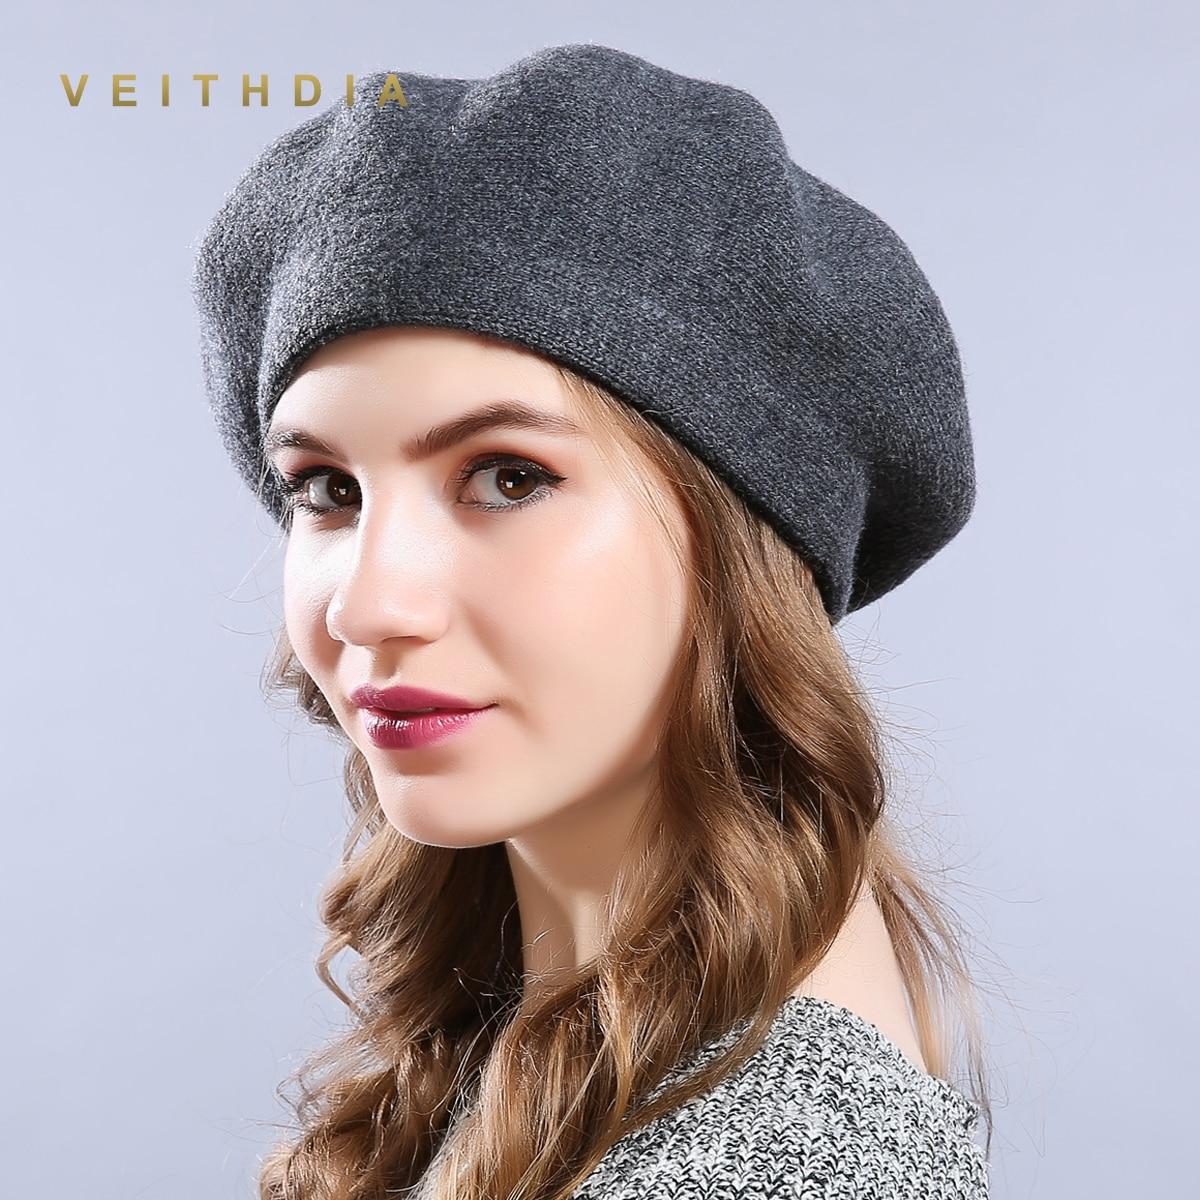 Detalle Comentarios Preguntas sobre Lentes polarizados nuevo invierno  sombrero boinas de lana Cachemira mujer caliente casuales de la marca de  alta calidad ... 579ce931945